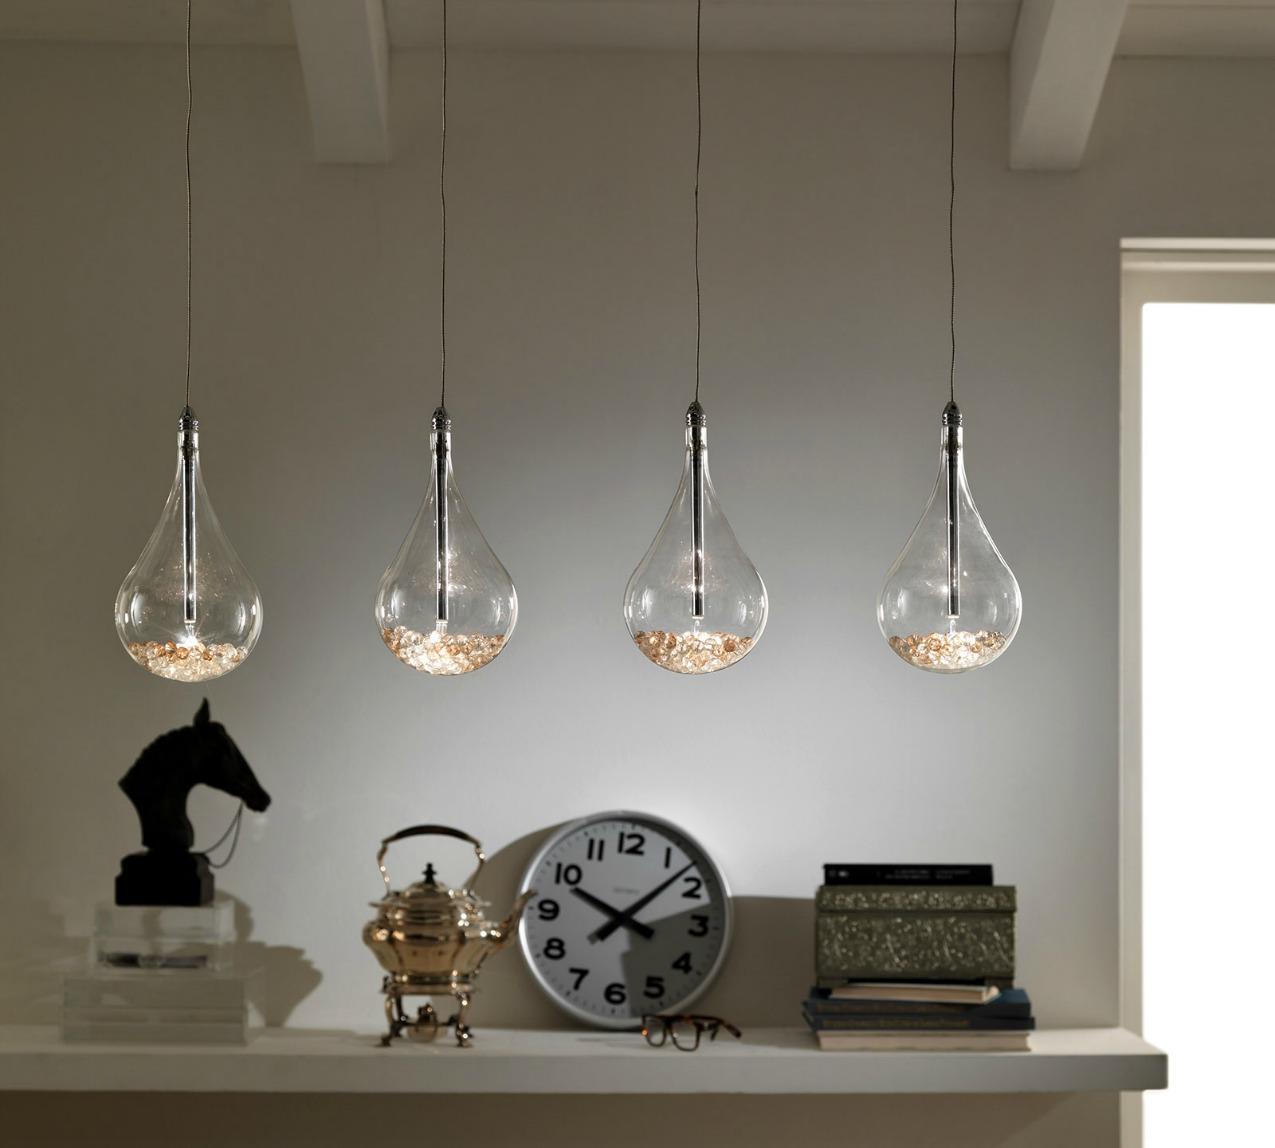 Come scegliere i lampadari da soffitto, alessia milanese, thechilicool, fashion blog, fashion blogger